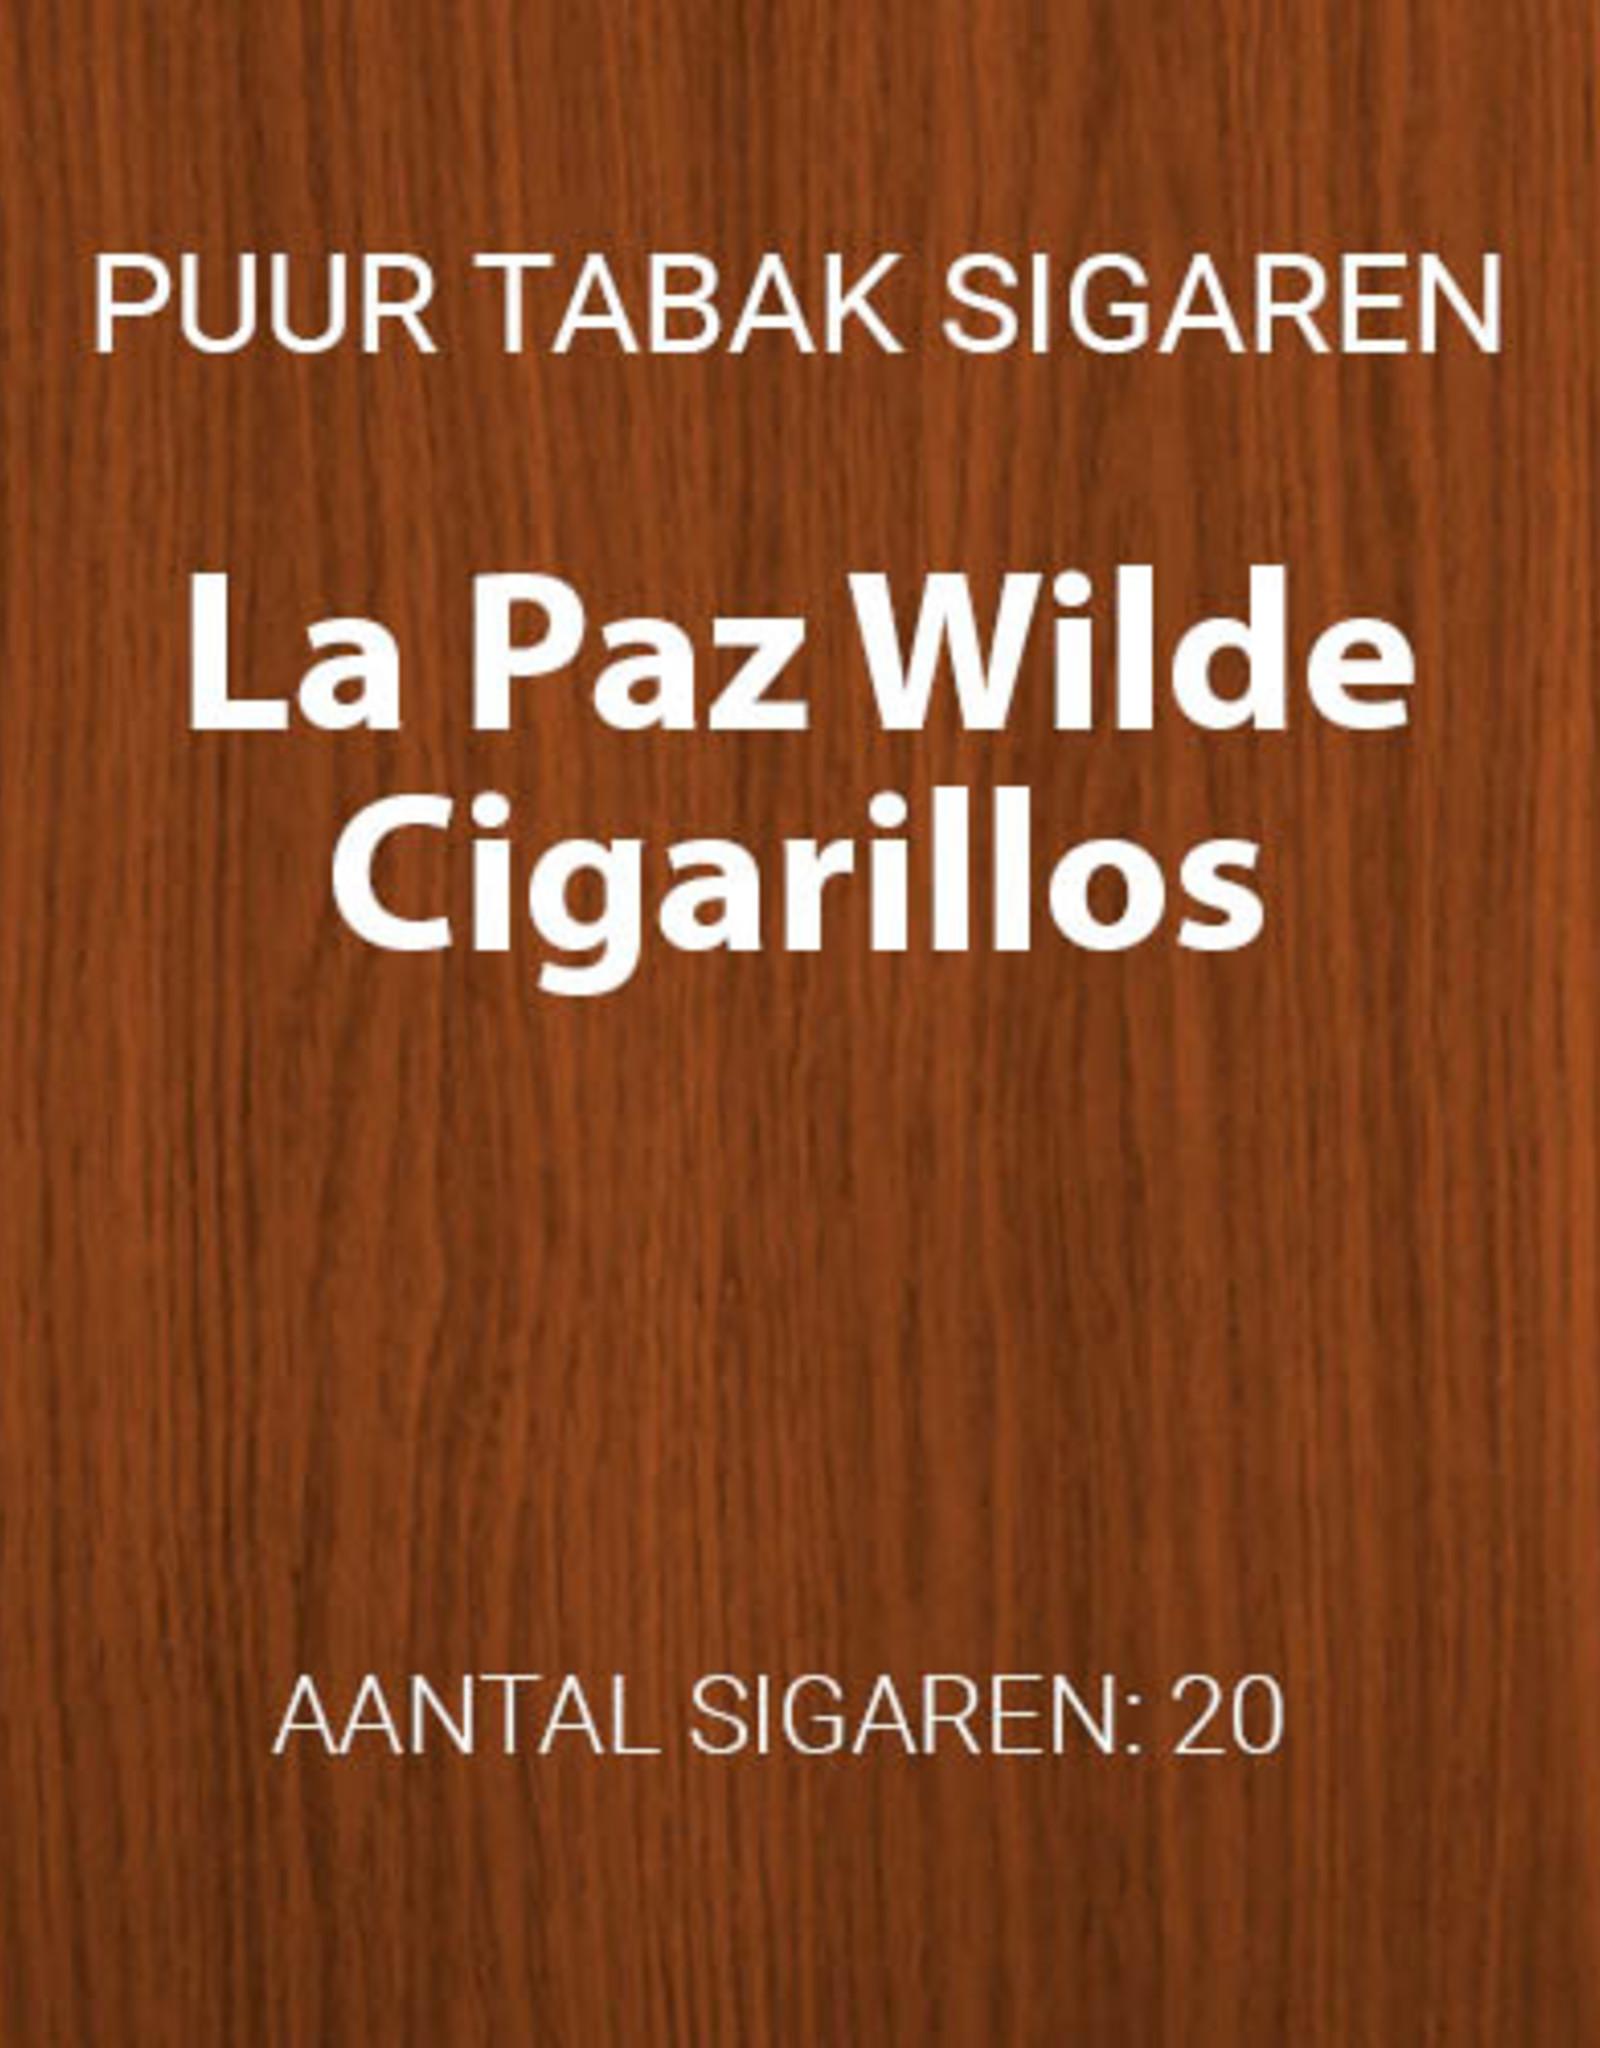 La Paz La Paz 20 wilde Cigarillos